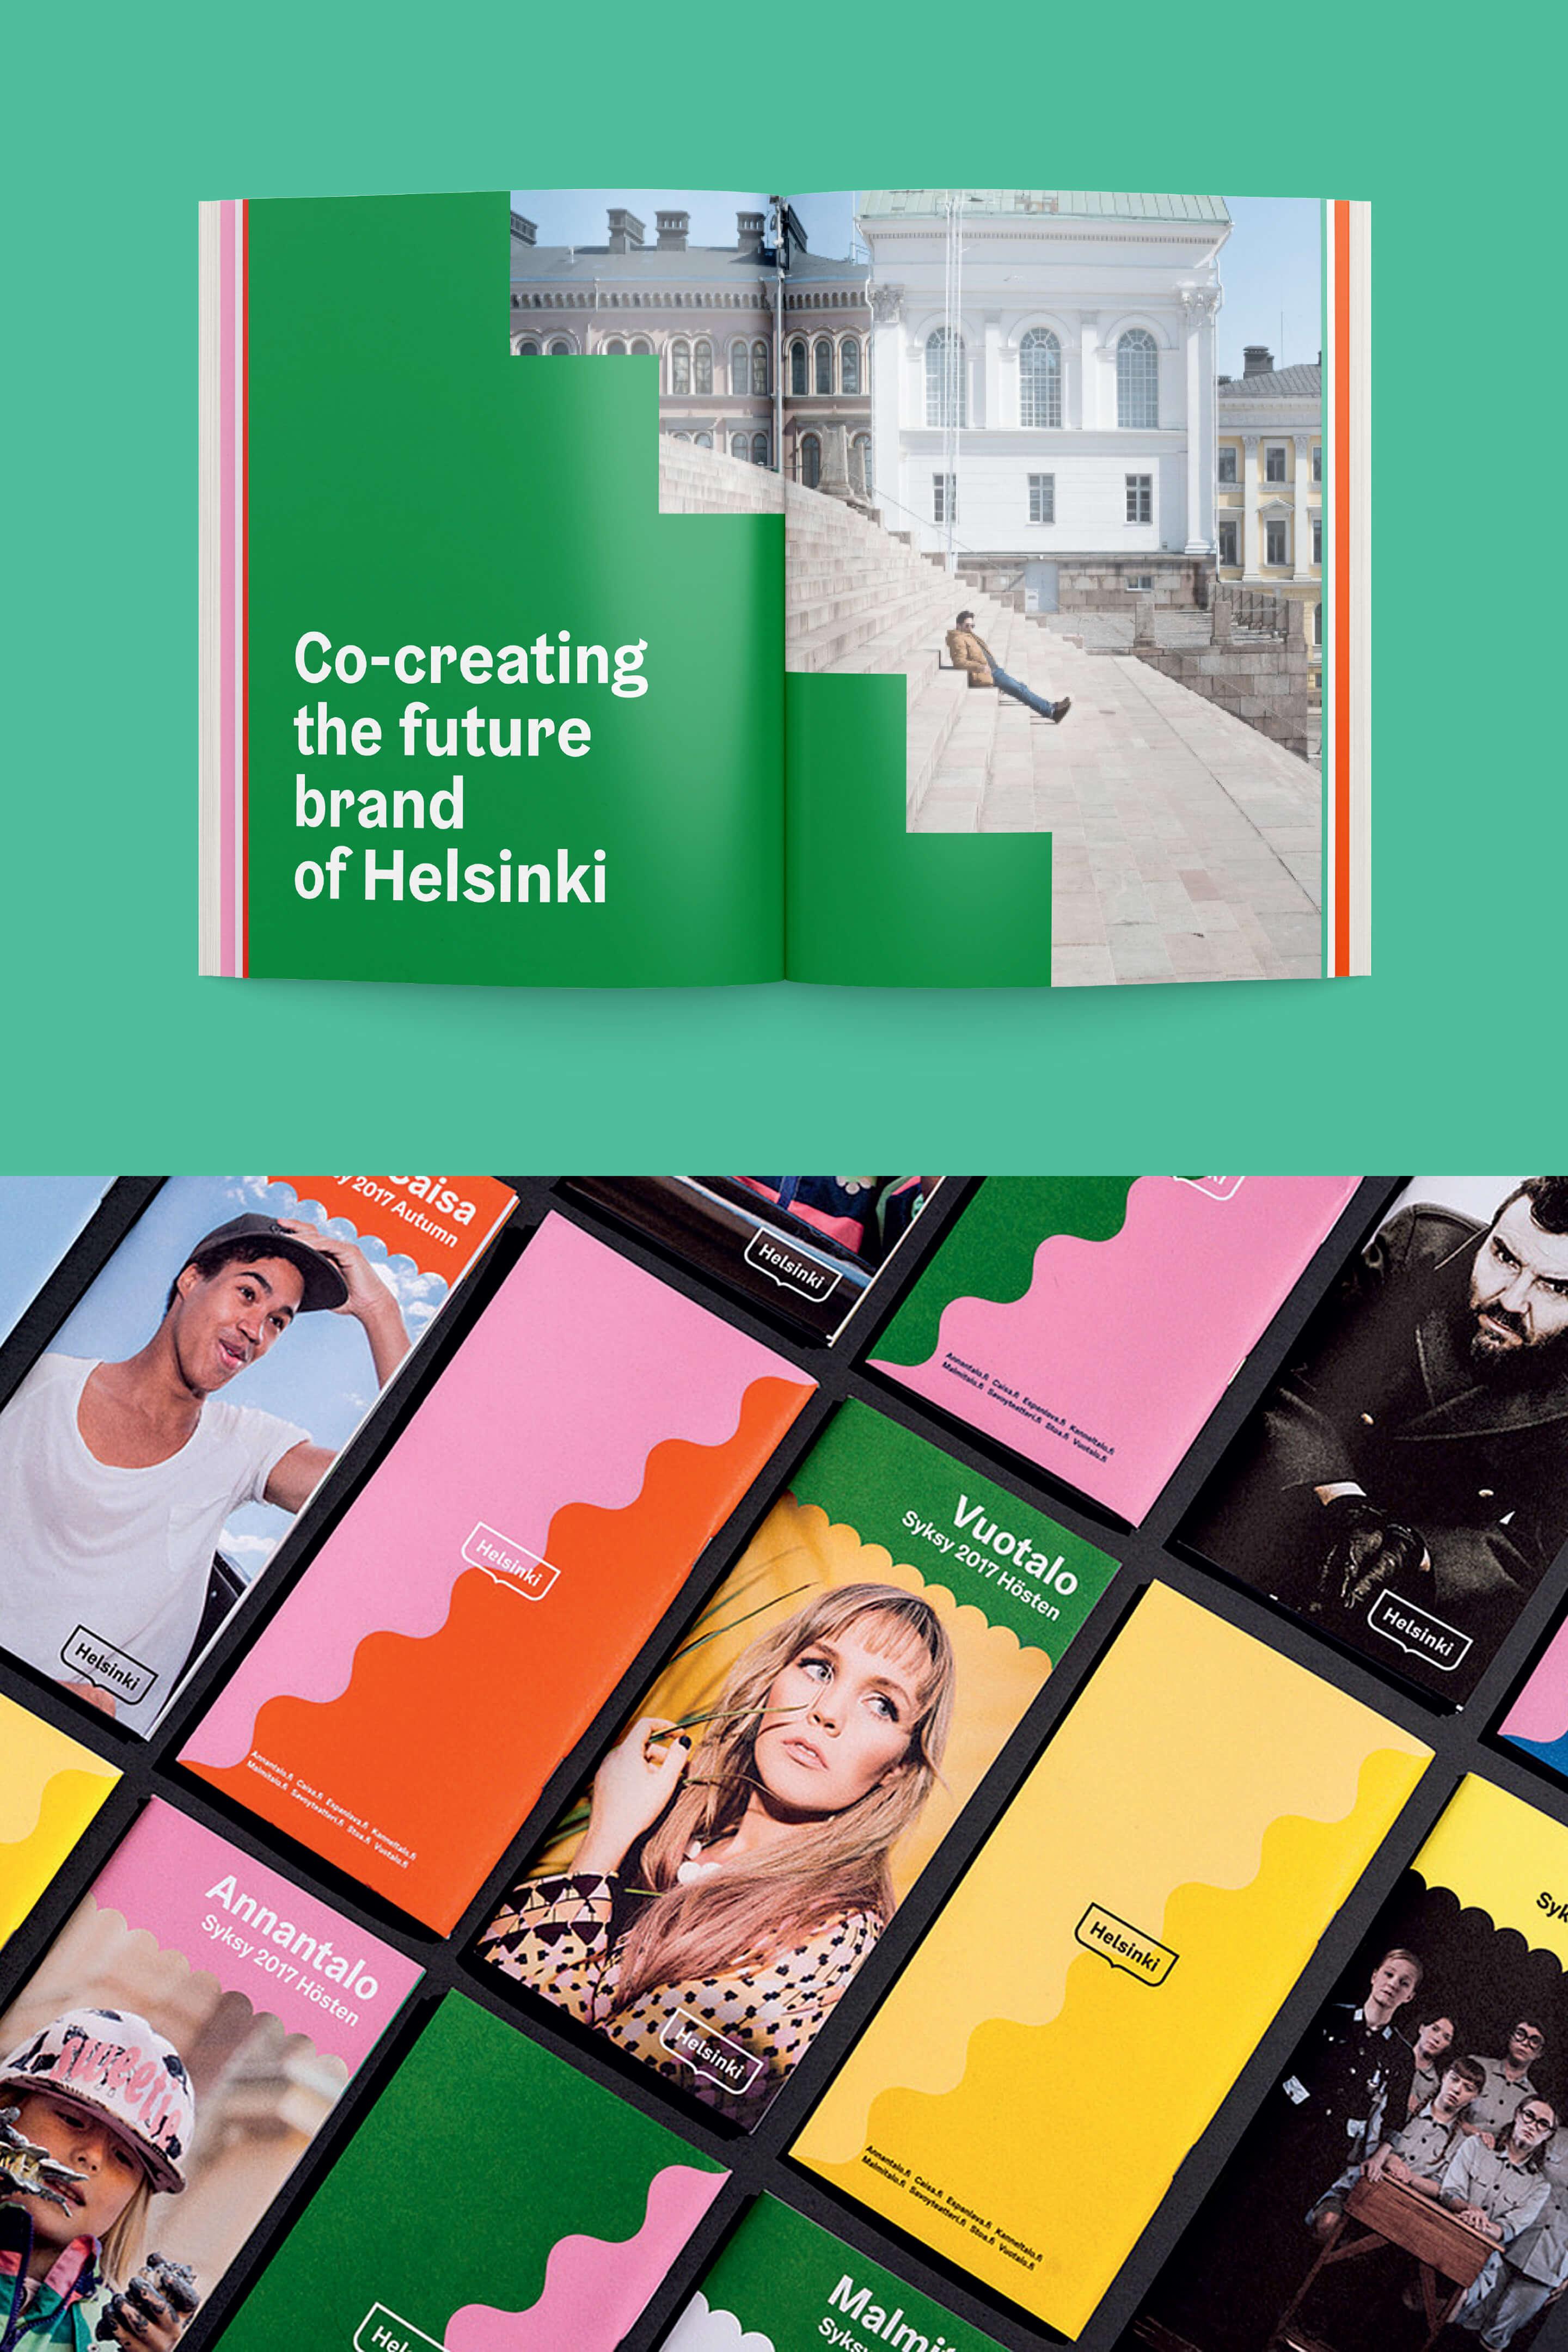 Города с лучшей Города с лучшей айдентикой Werklig Helsinki W10